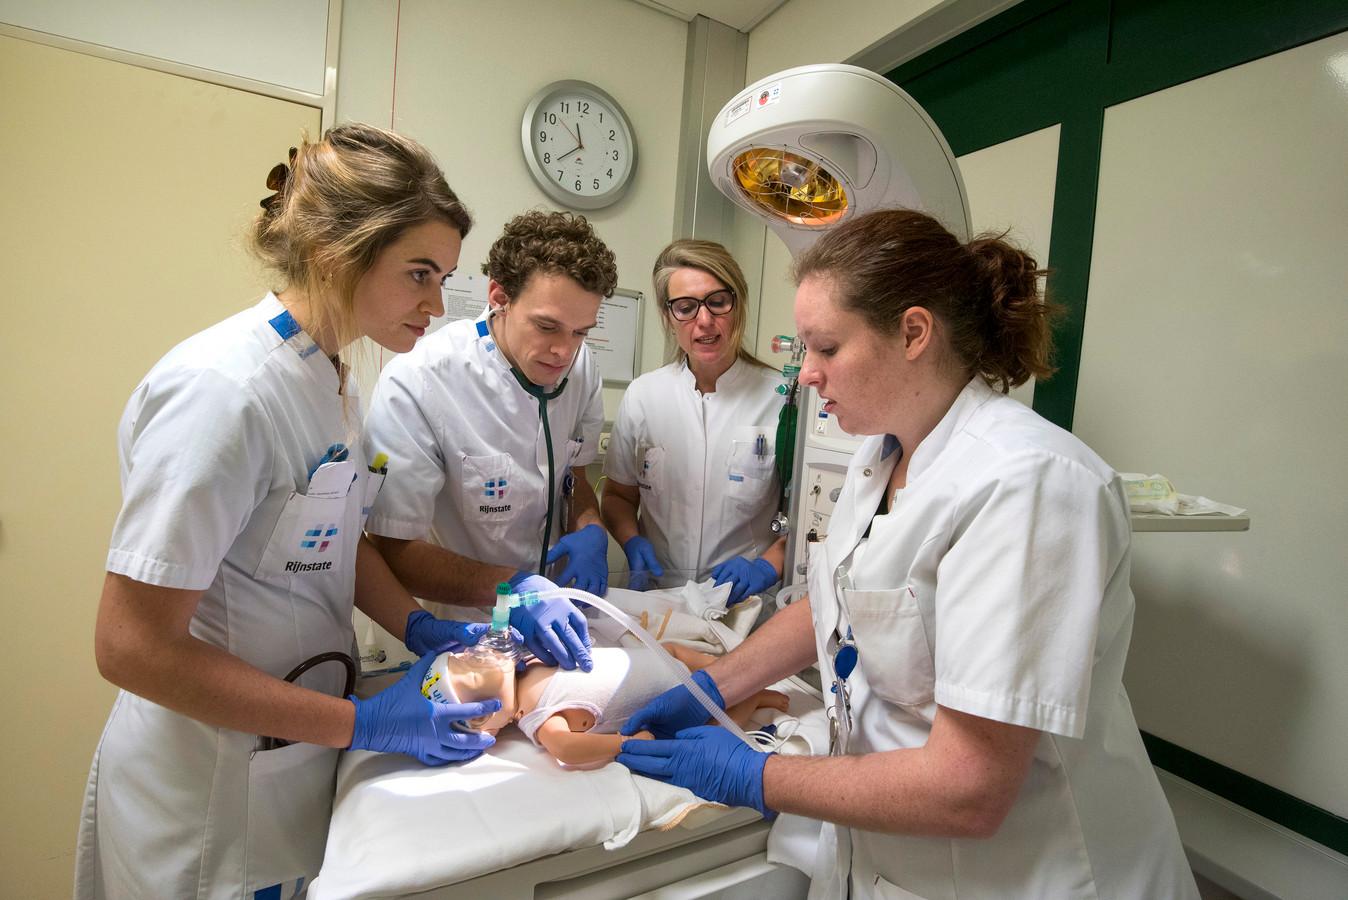 Tropenartsen in opleiding bij ziekenhuis Rijnstate in Arnhem. V.l.n.r. Milou Cruijsen, Erik Wehrens, kinderarts Albertine Baauw en Bente van der Meijden.